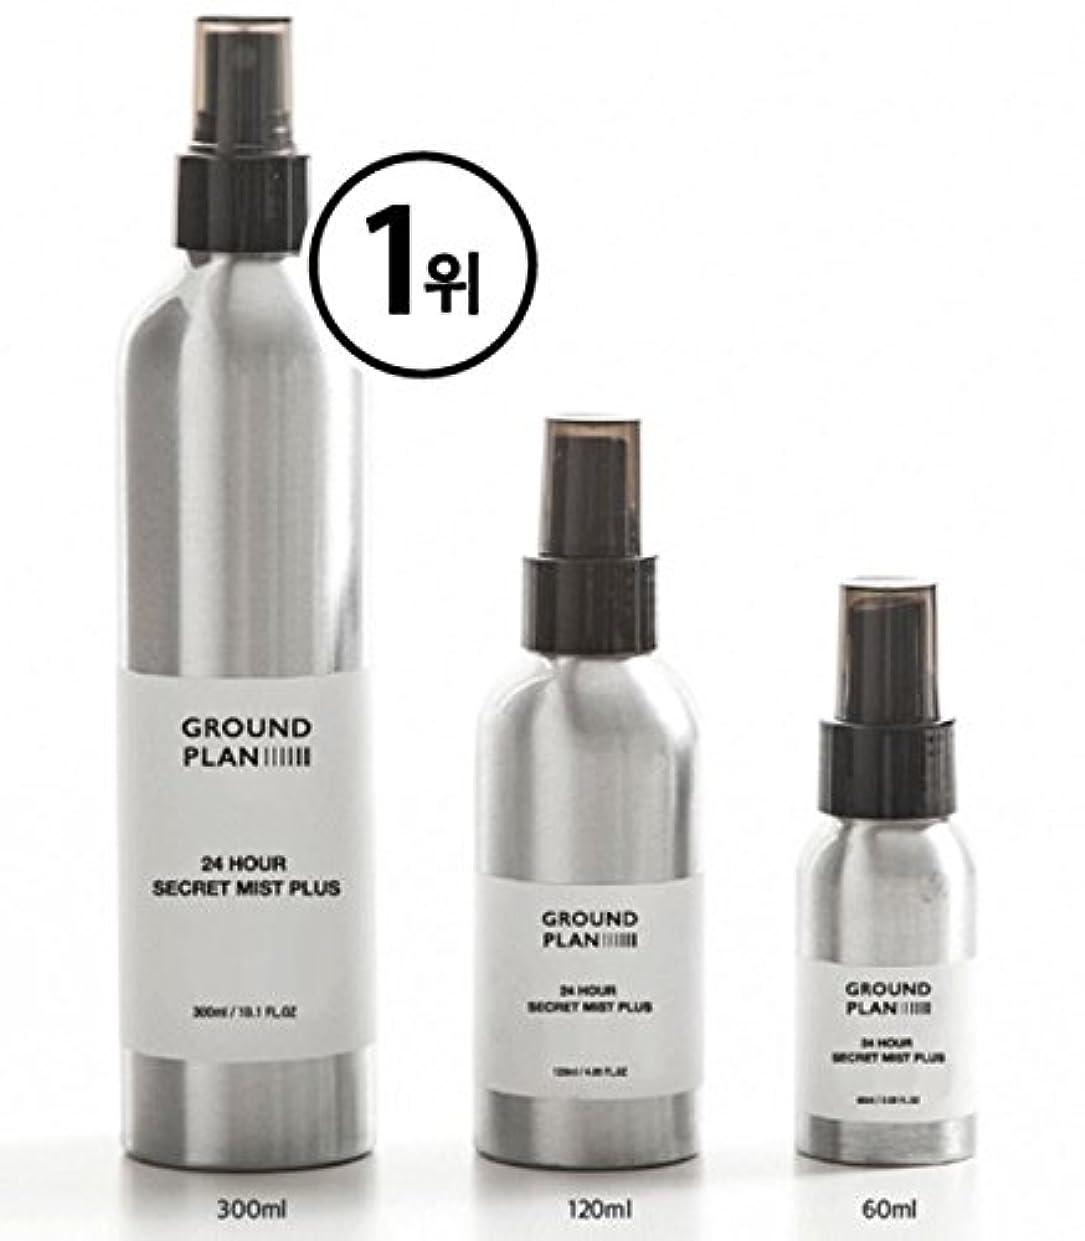 学者スリンク横に[グラウンド?プラン] 24Hour 秘密 スキンミスト Plus (120ml) (300ml) Ground plan 24 Hour Secret Skin Mist Plus [海外直送品] (300ml)